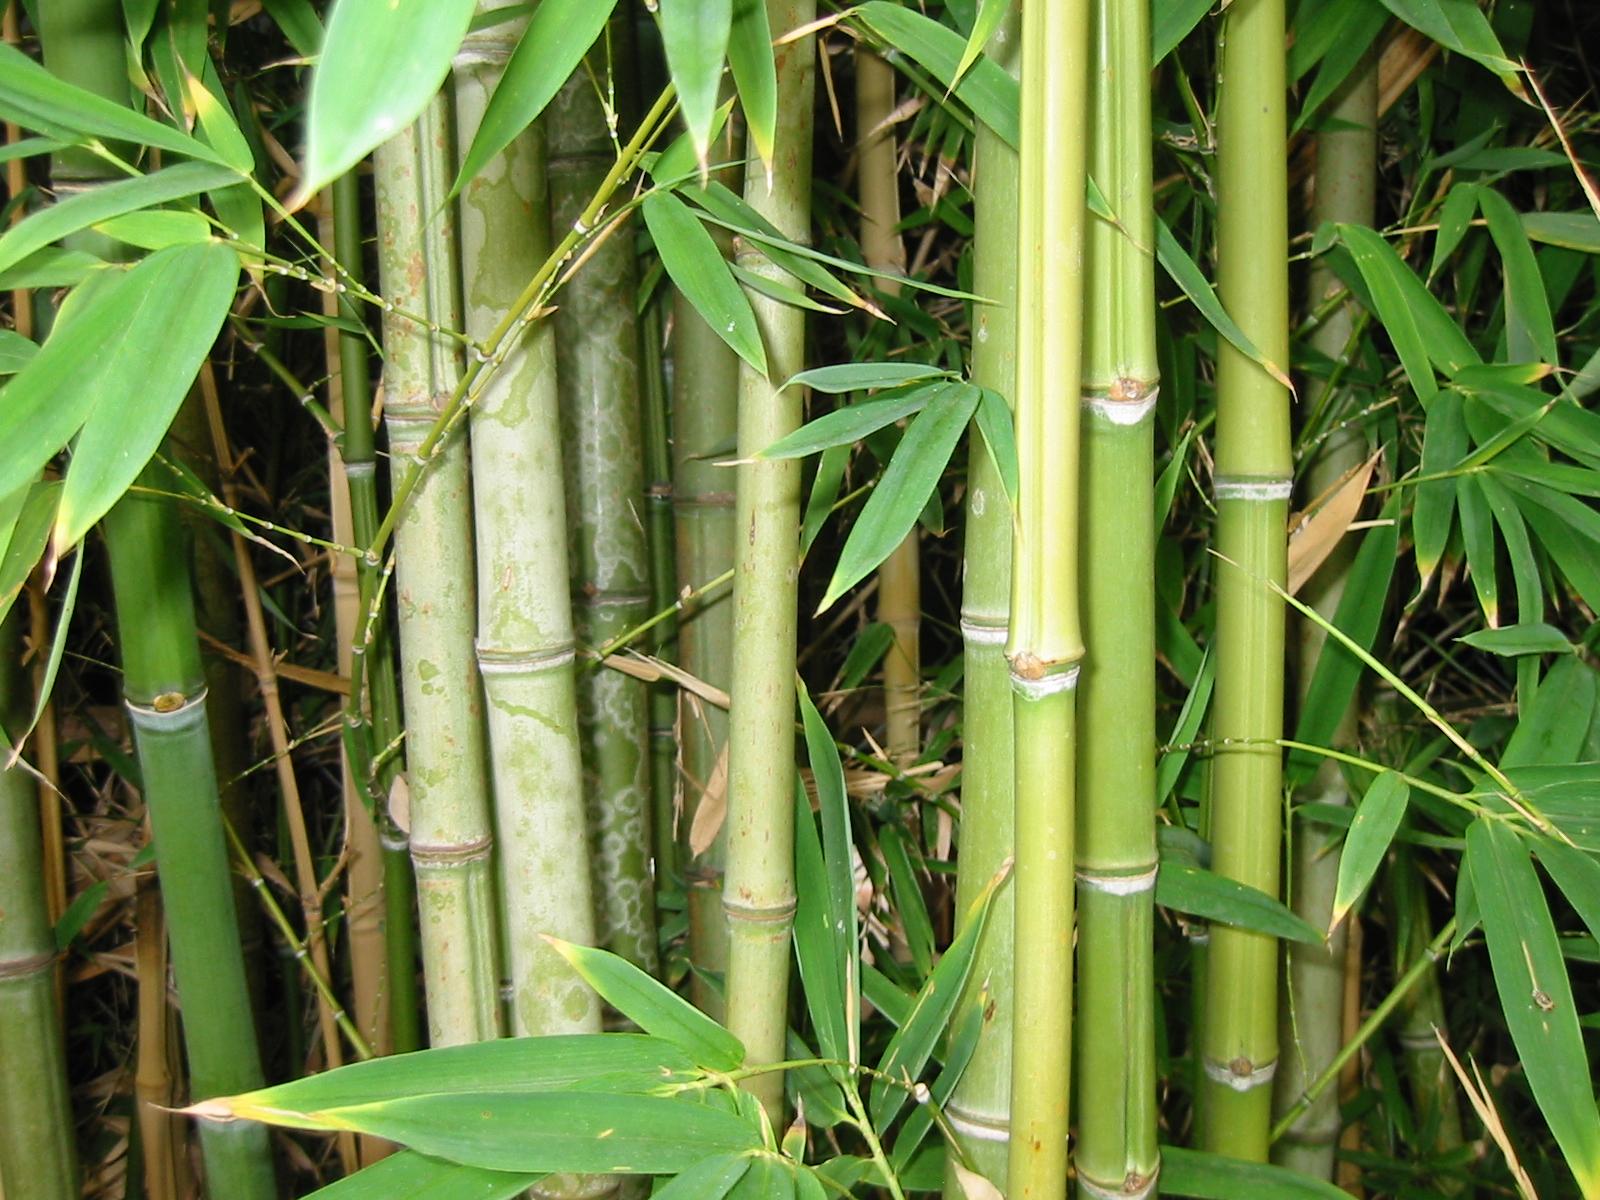 Nœuds de chaume et feuilles de bambous